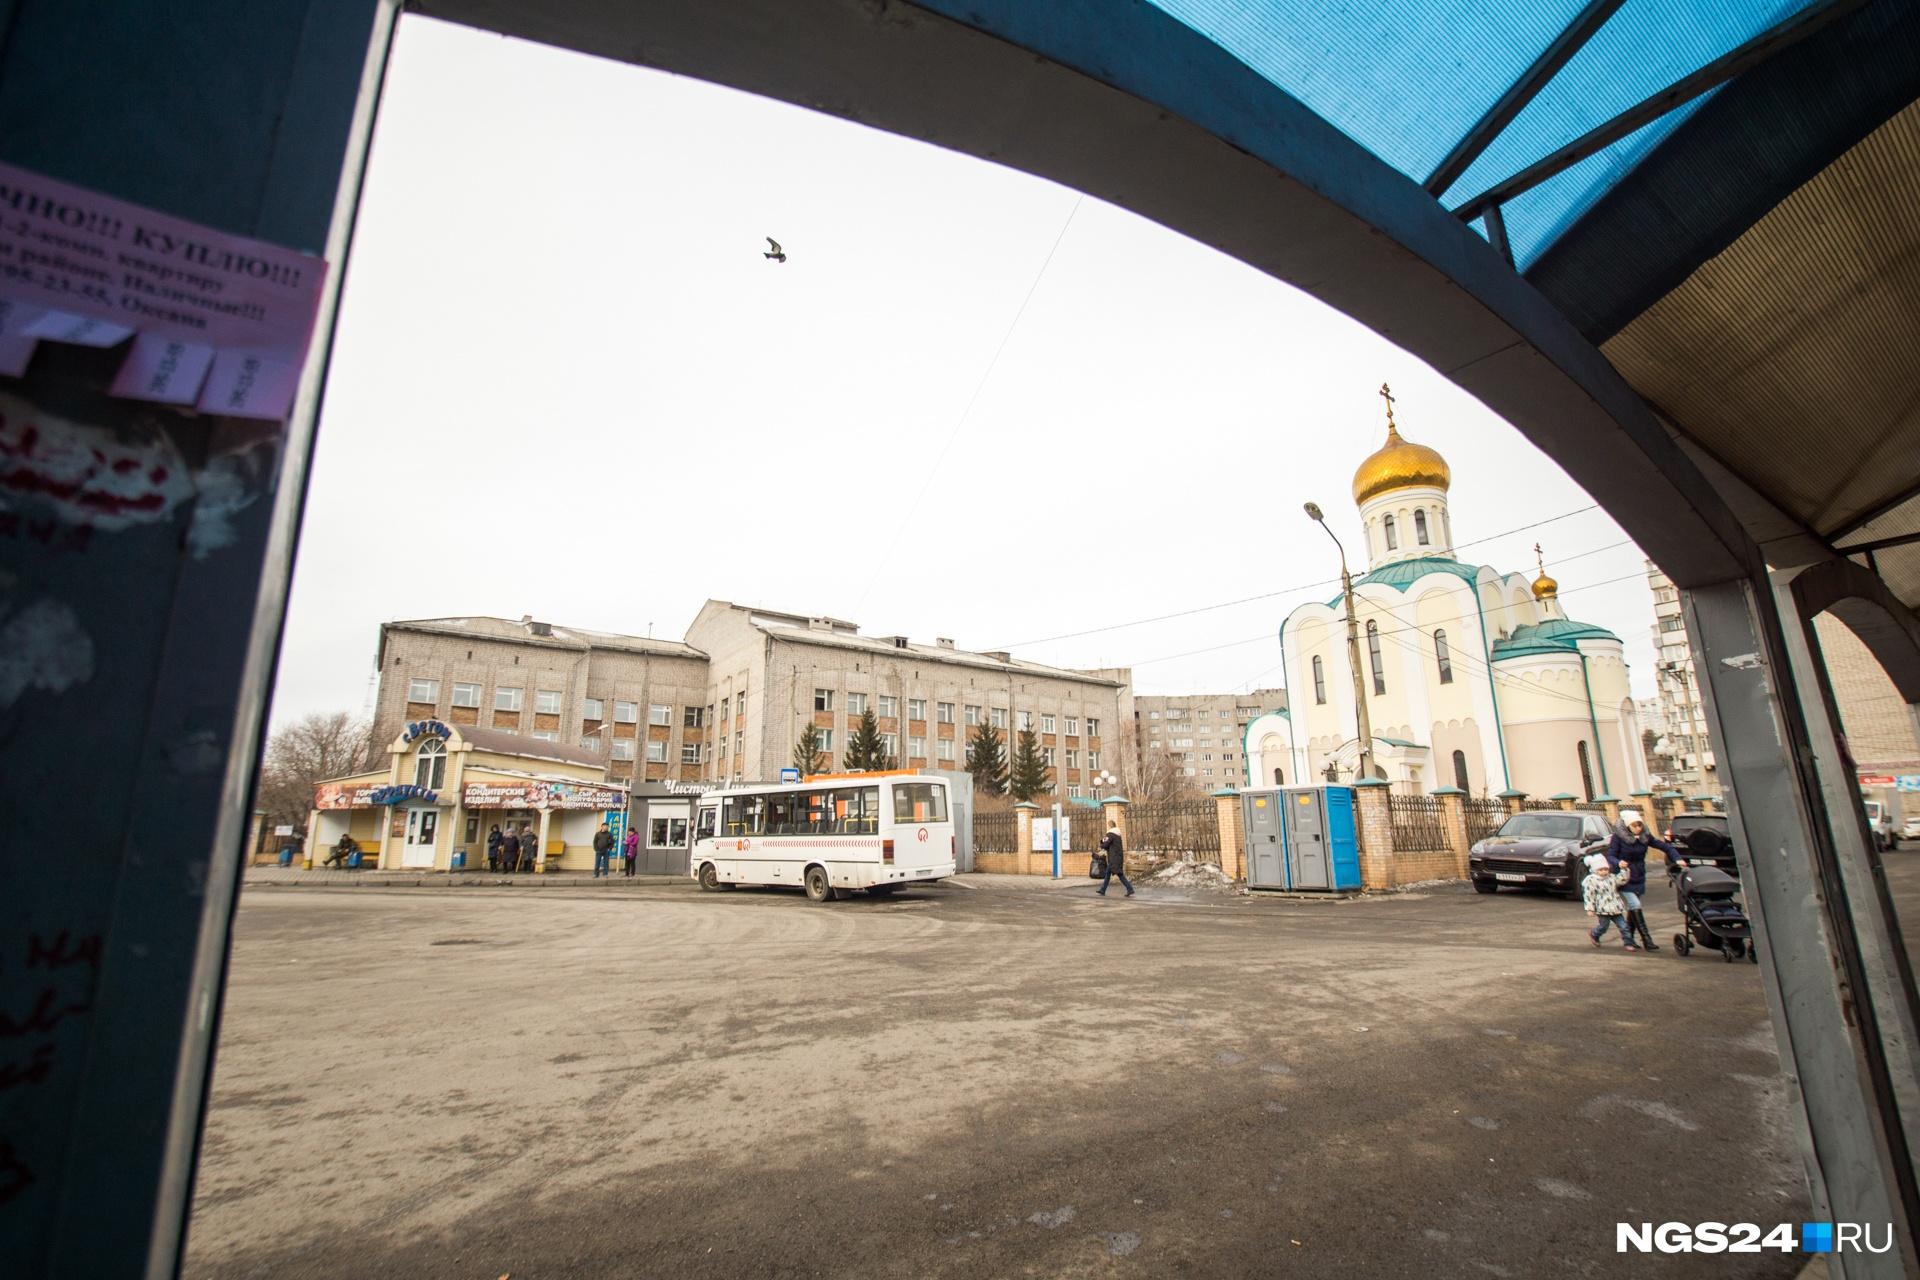 Конечный пункт на остановке «Железнодорожная больница»